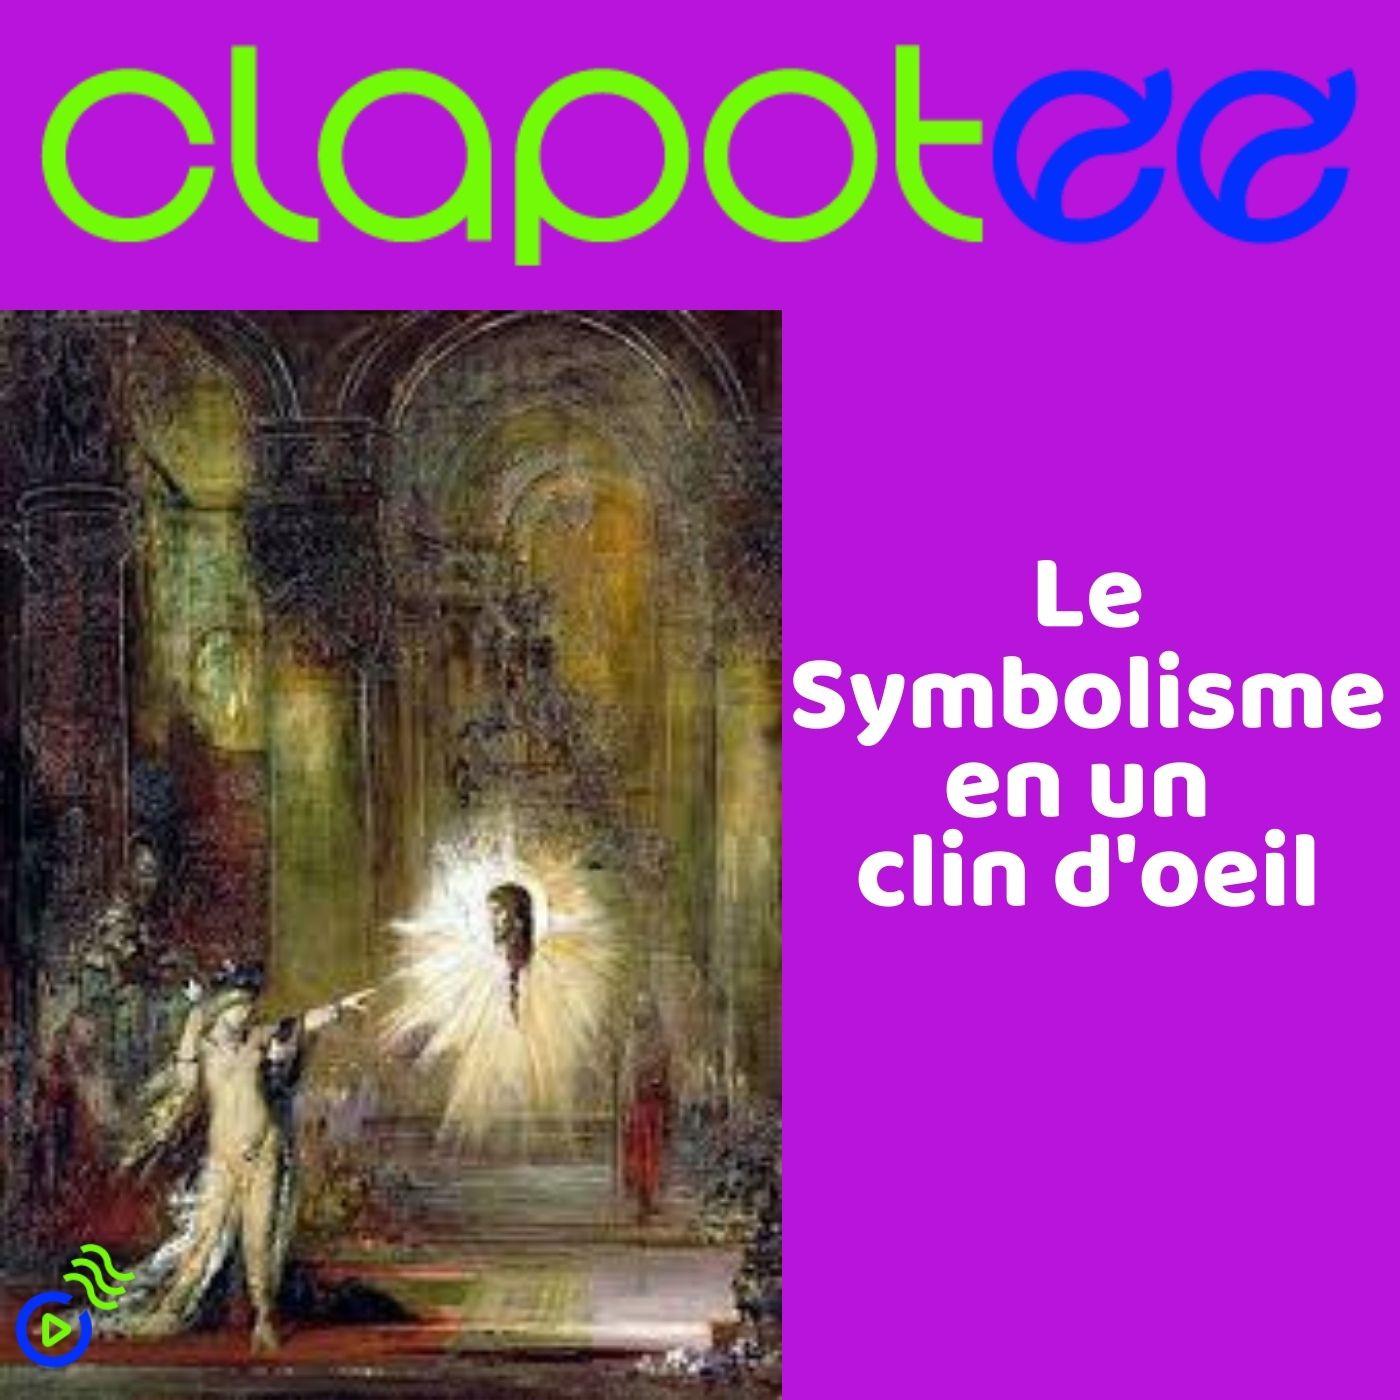 Le Symbolisme en un clin d'oeil !